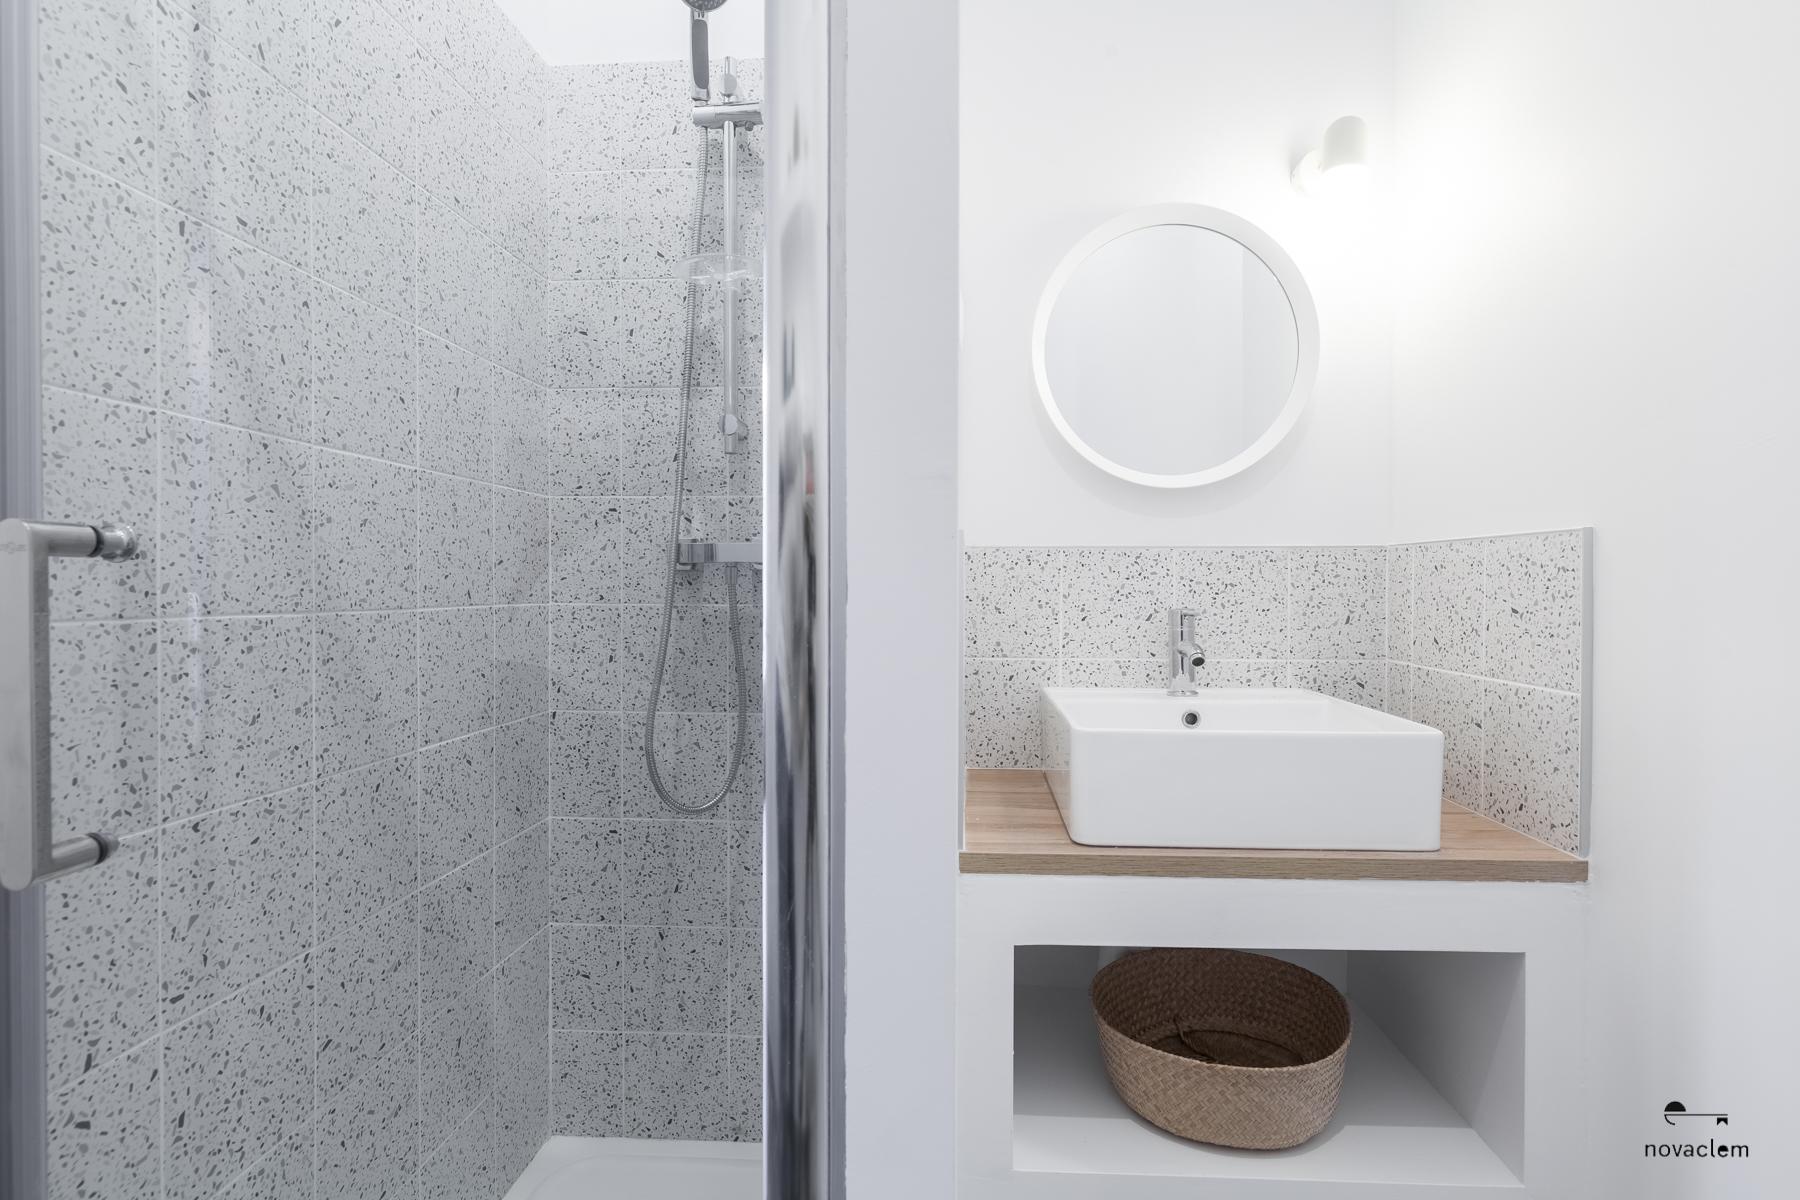 Novaclem - salle de bain après travaux Mini loft Camas - Investissement Marseille